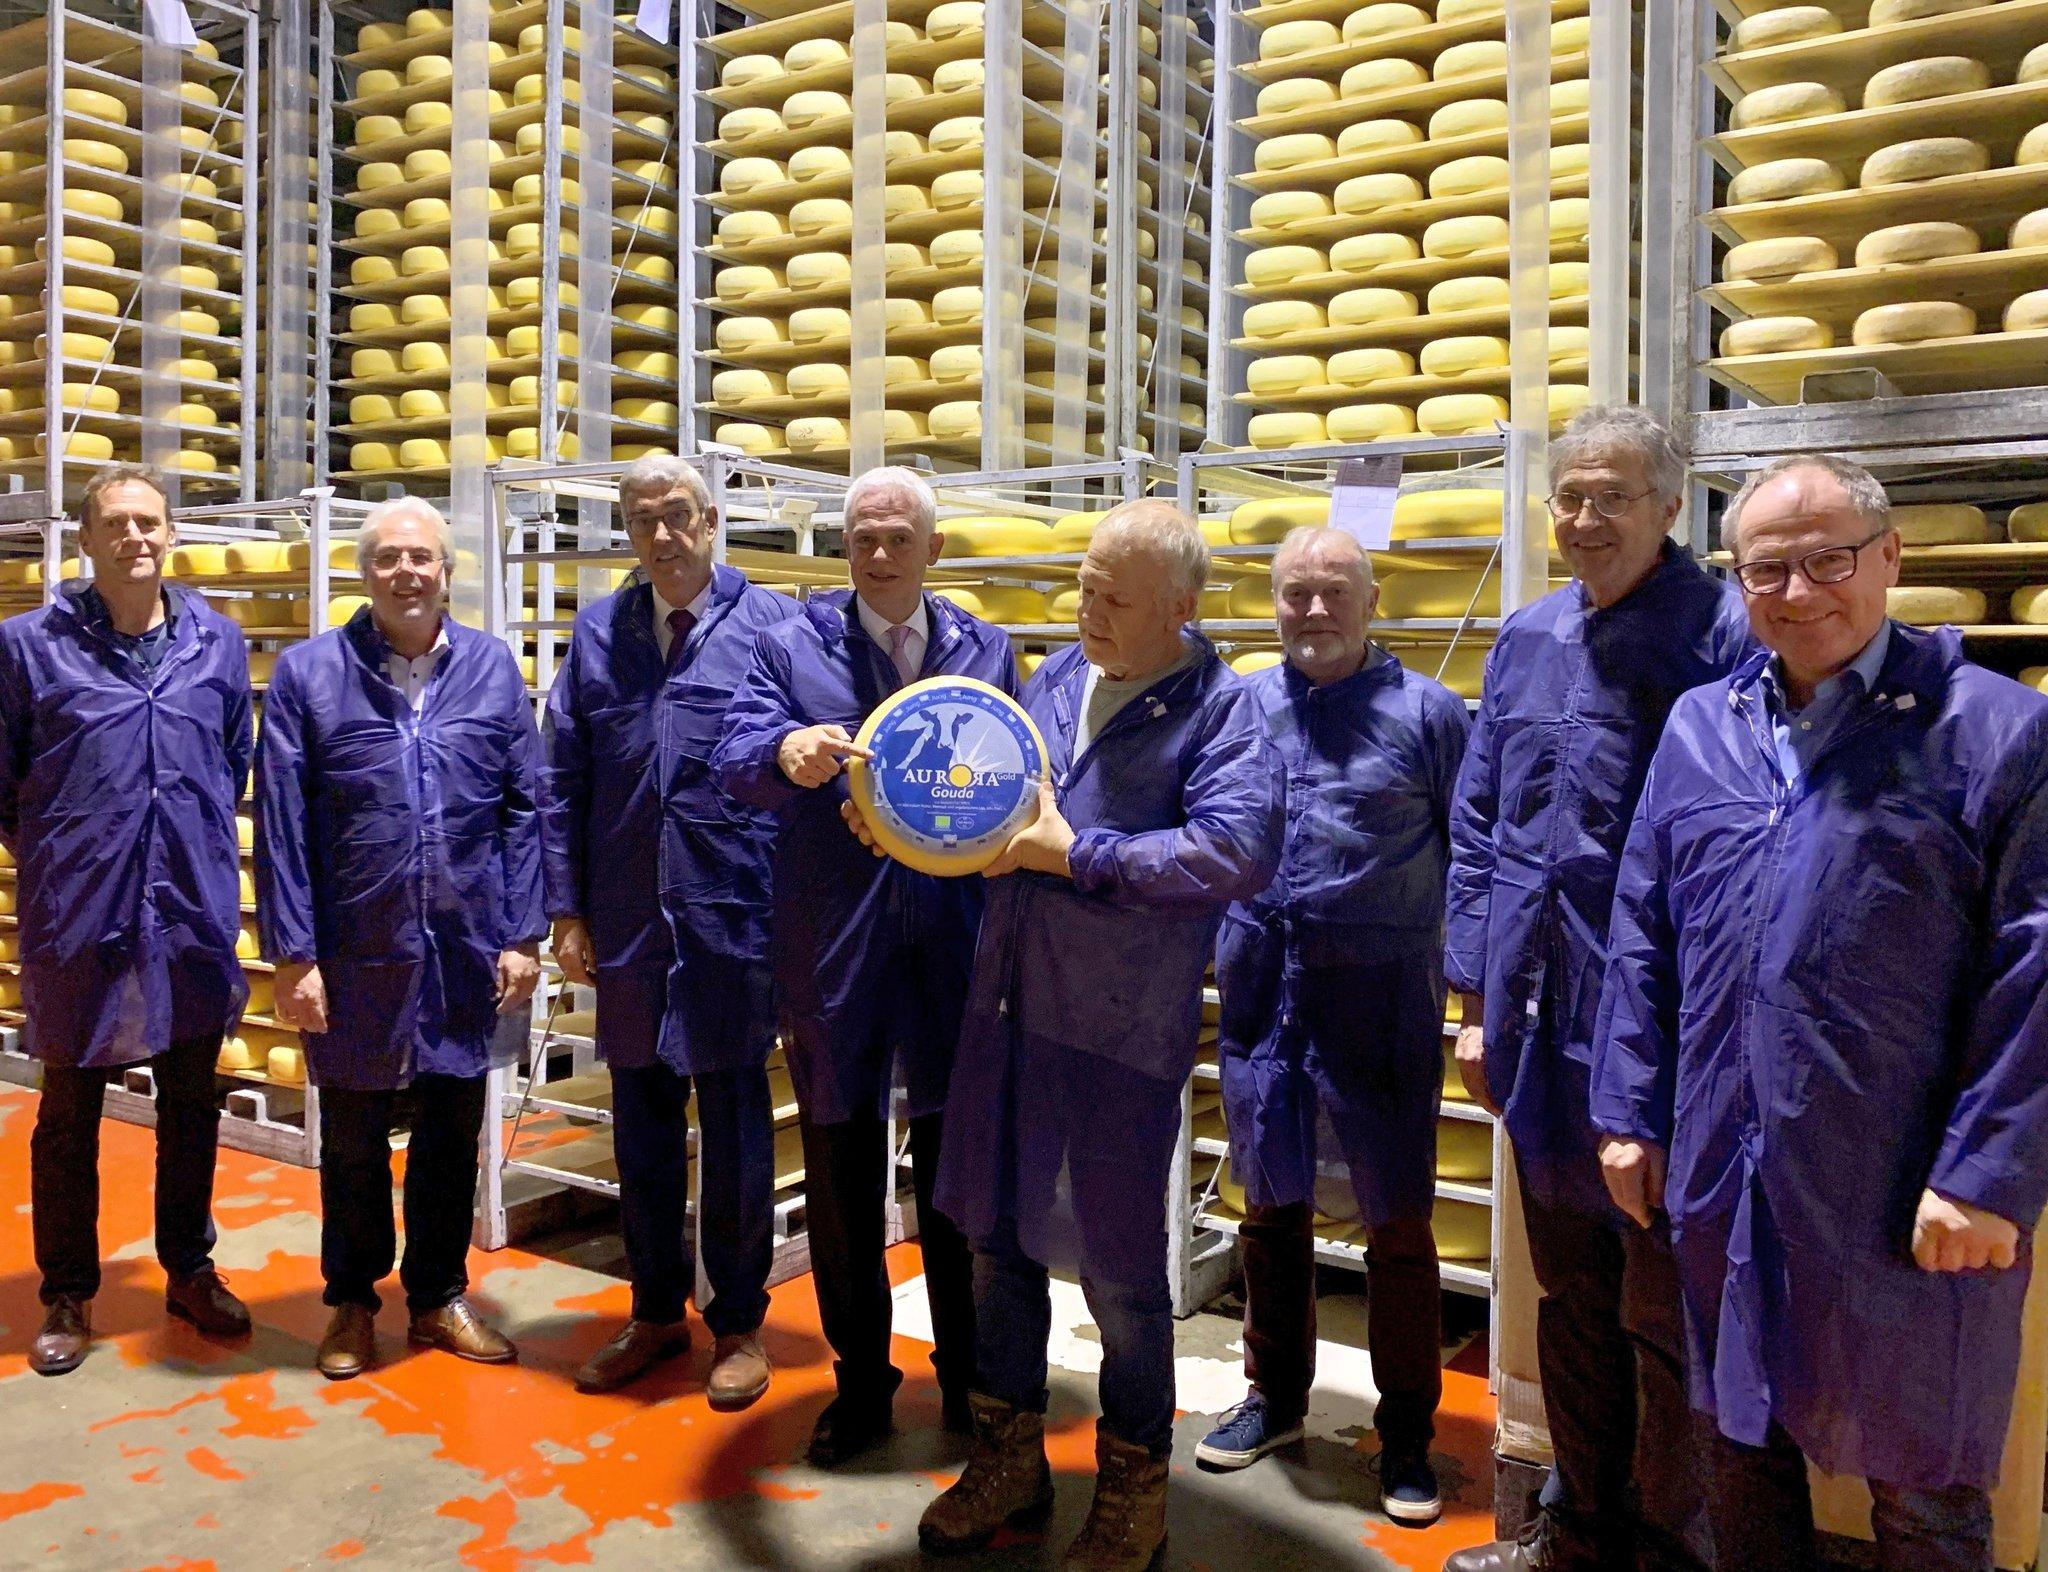 Abgeordnetenbesuch: Bergmann besuchte Gemeinde Kranenburg und die Aurora Kaas GmbH - Kranenburg - Lokalkompass.de